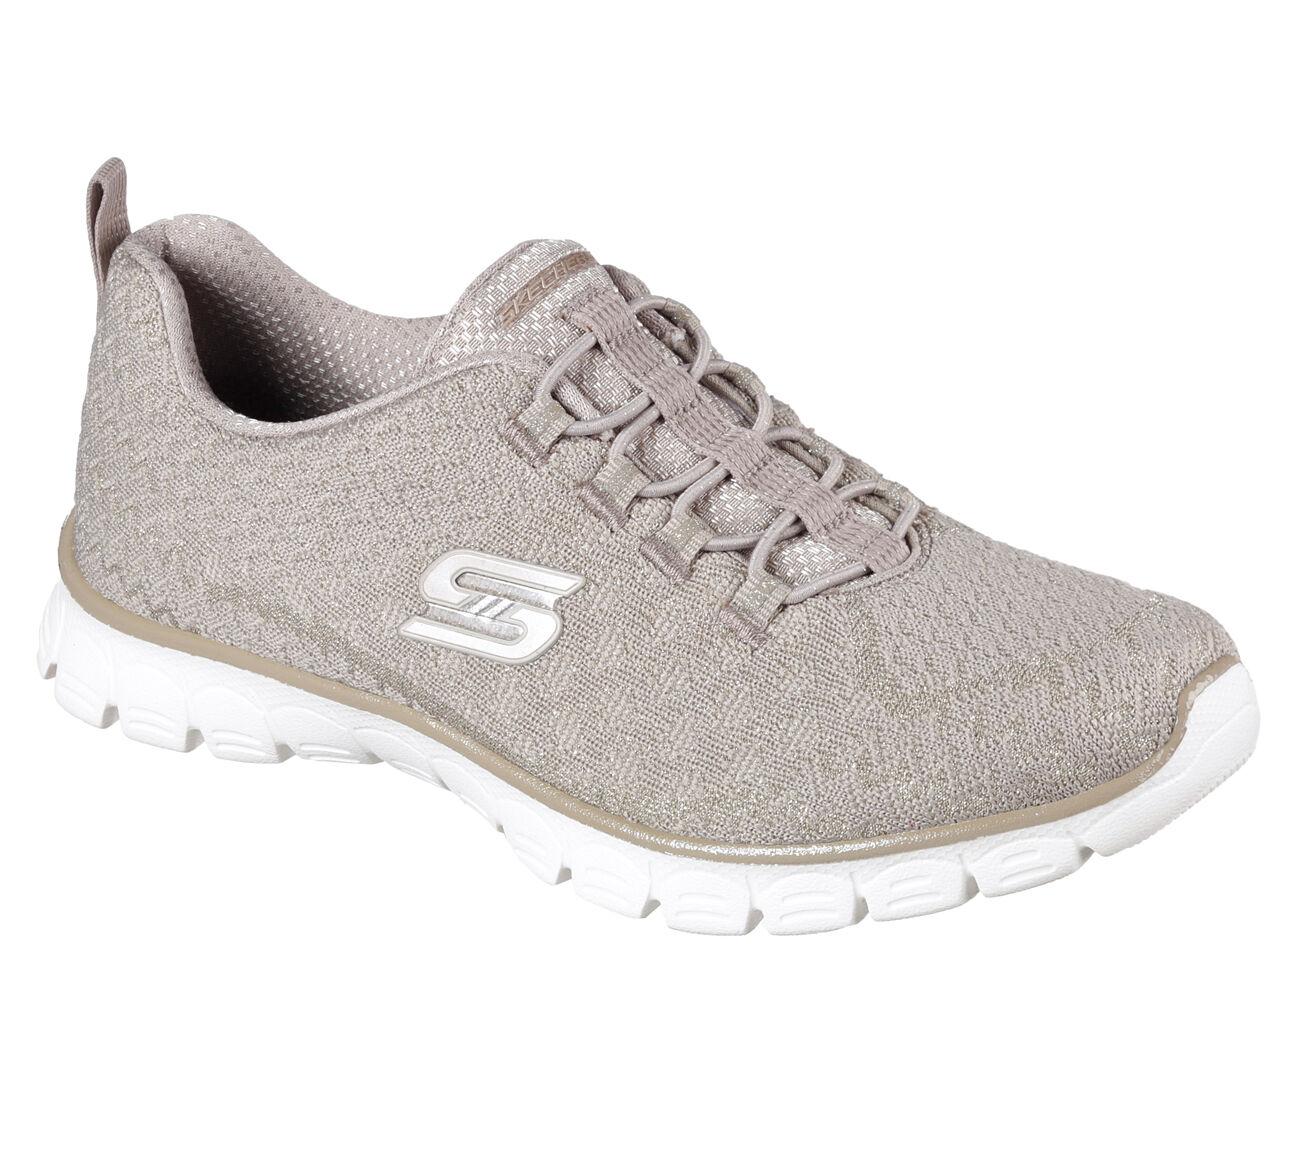 Skechers Estrella Damenschuhe Trainers EZ Flex 3.0 Schuhes Sports Elastic Memory Foam Schuhes 3.0 eacd93